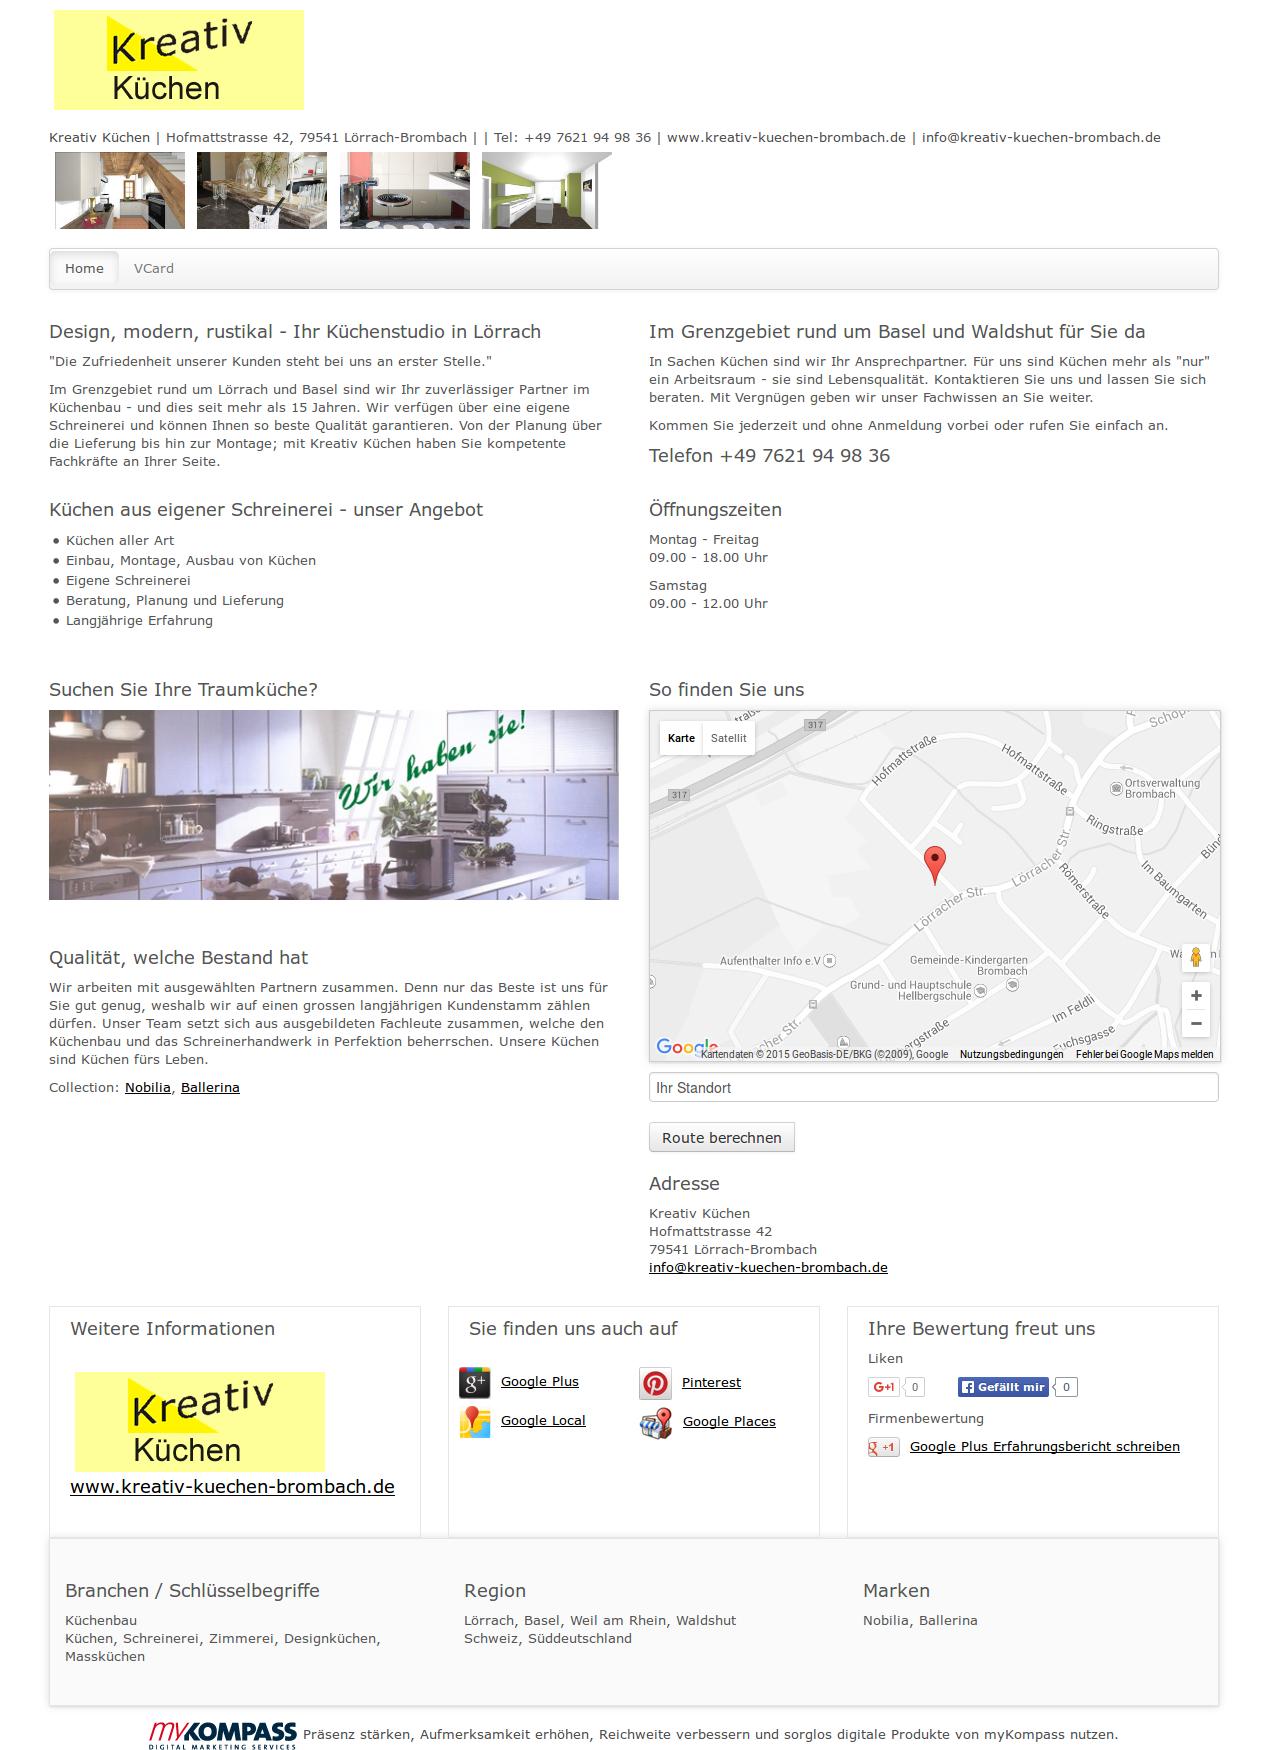 Kreativ Küchen, Lörrach-Brombach, Küchenbau, Küchen, Schreinerei ...